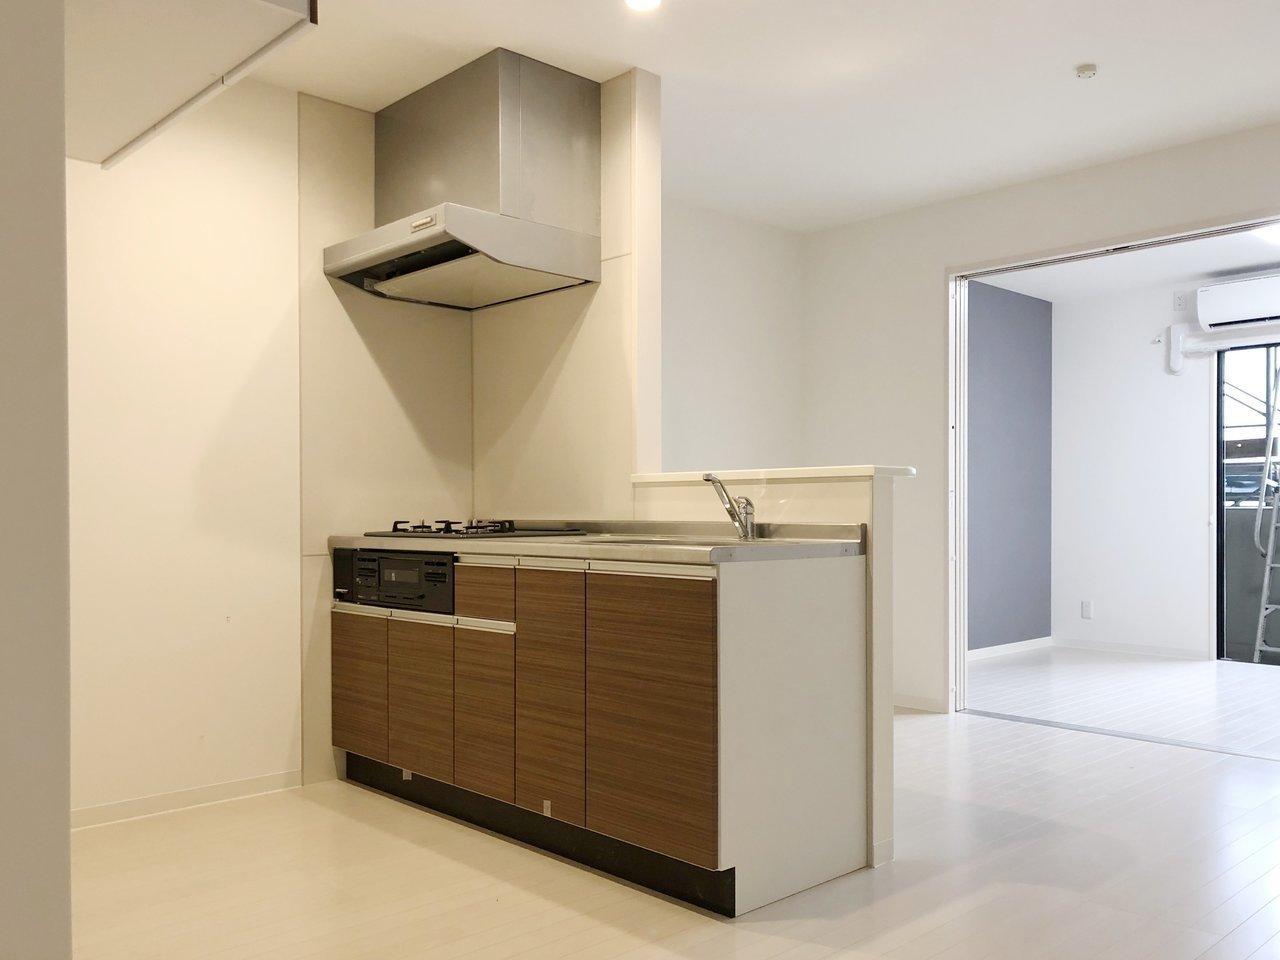 スペースがゆったりと取られ、好きな食器棚なども置けそうなカウンターキッチン。